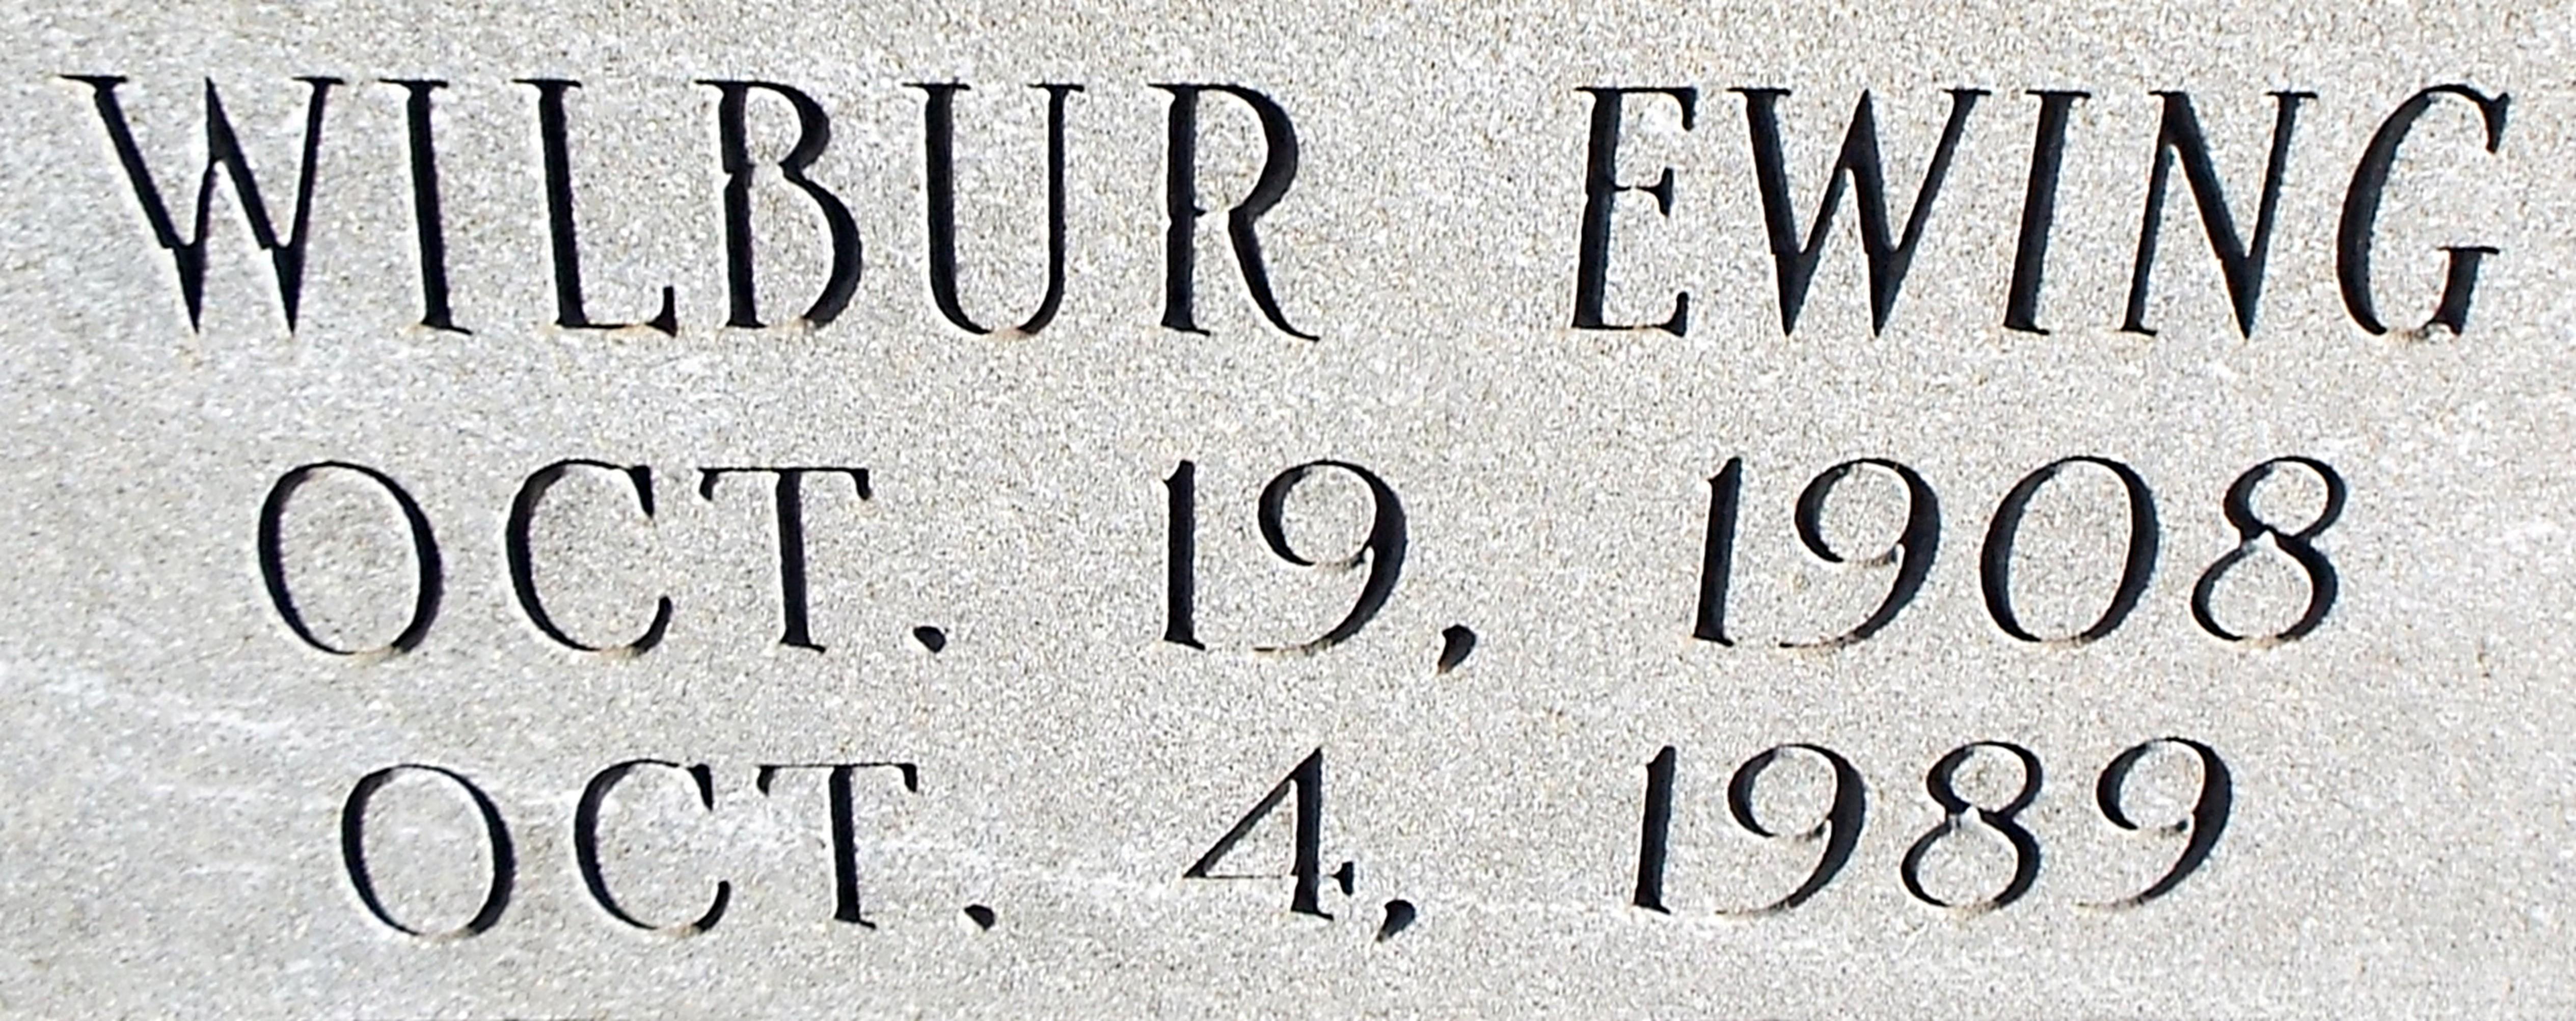 Wilbur Ewing Aldridge